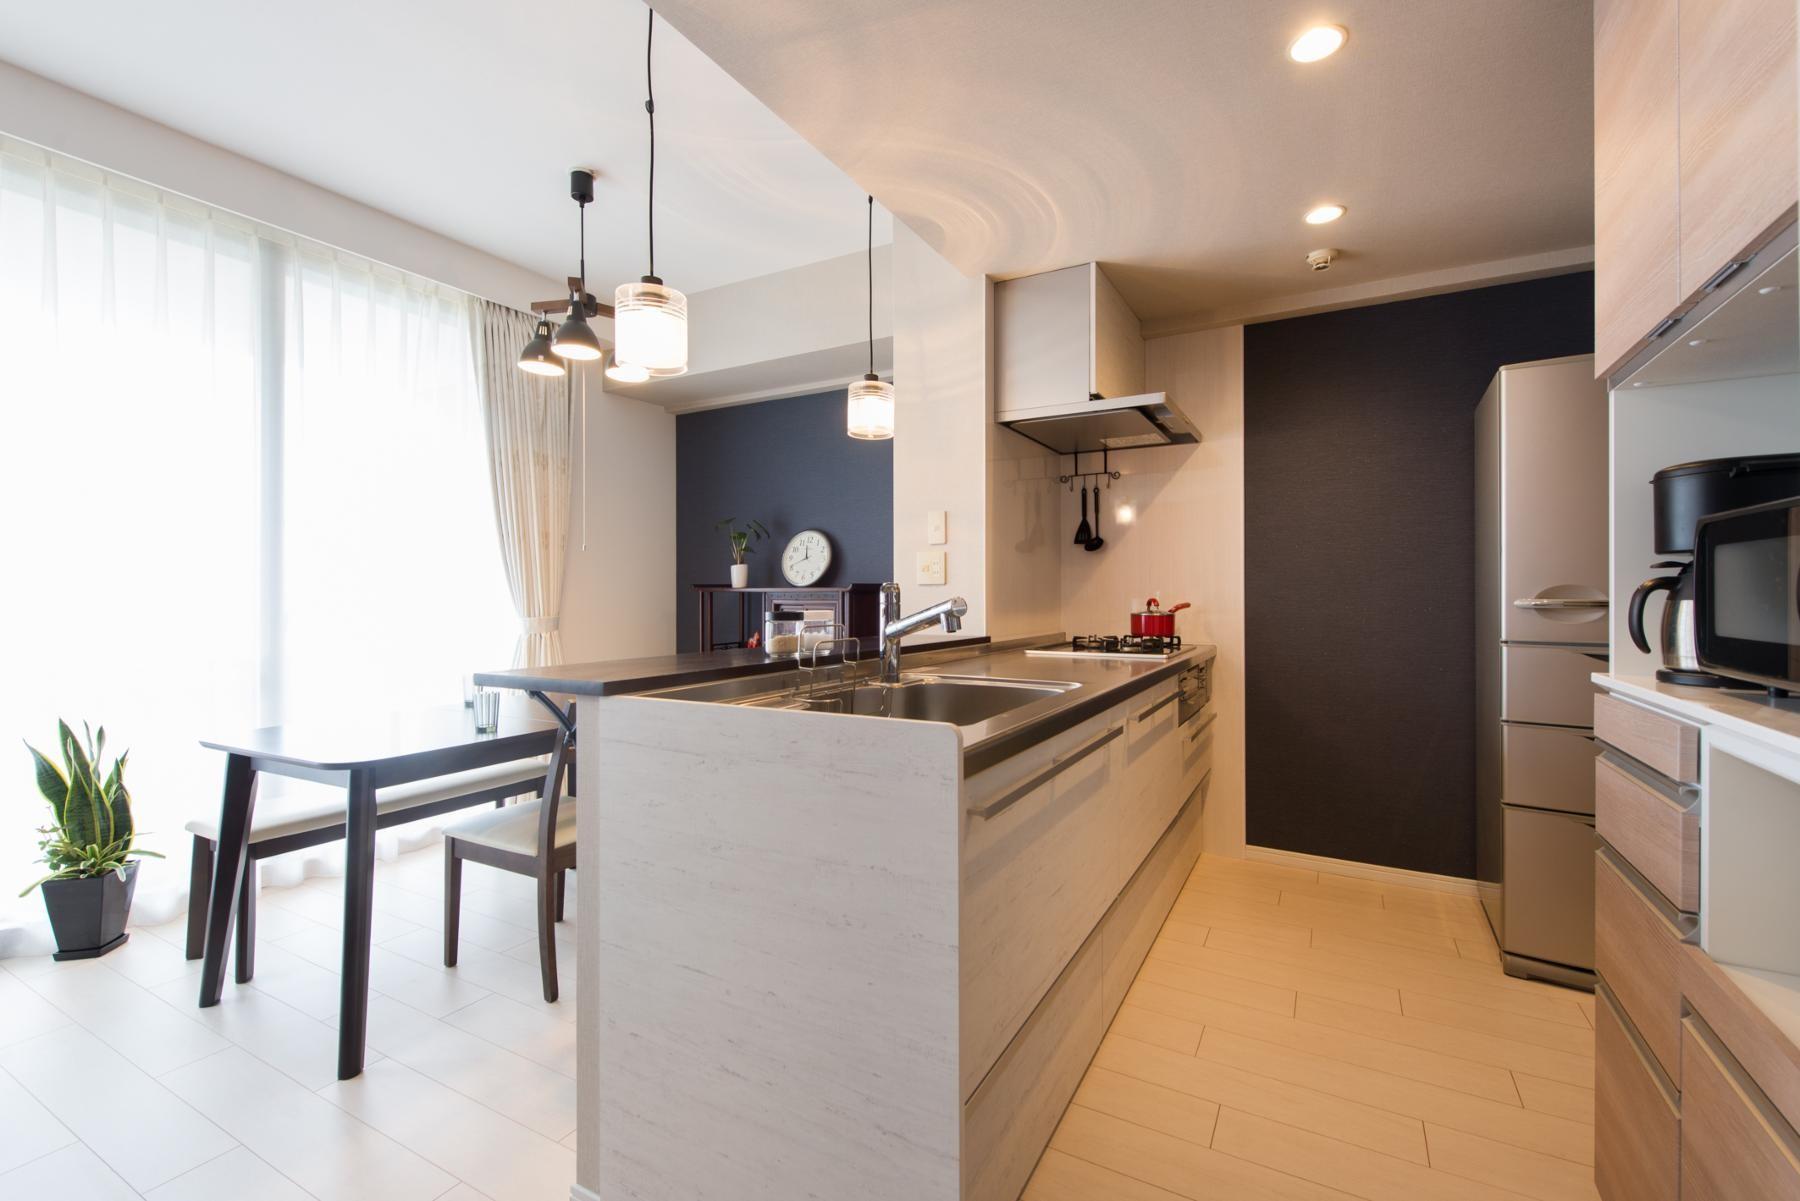 キッチン事例:キッチン(中古マンションリノベーション〜「自分らしい空間を実現したい」)